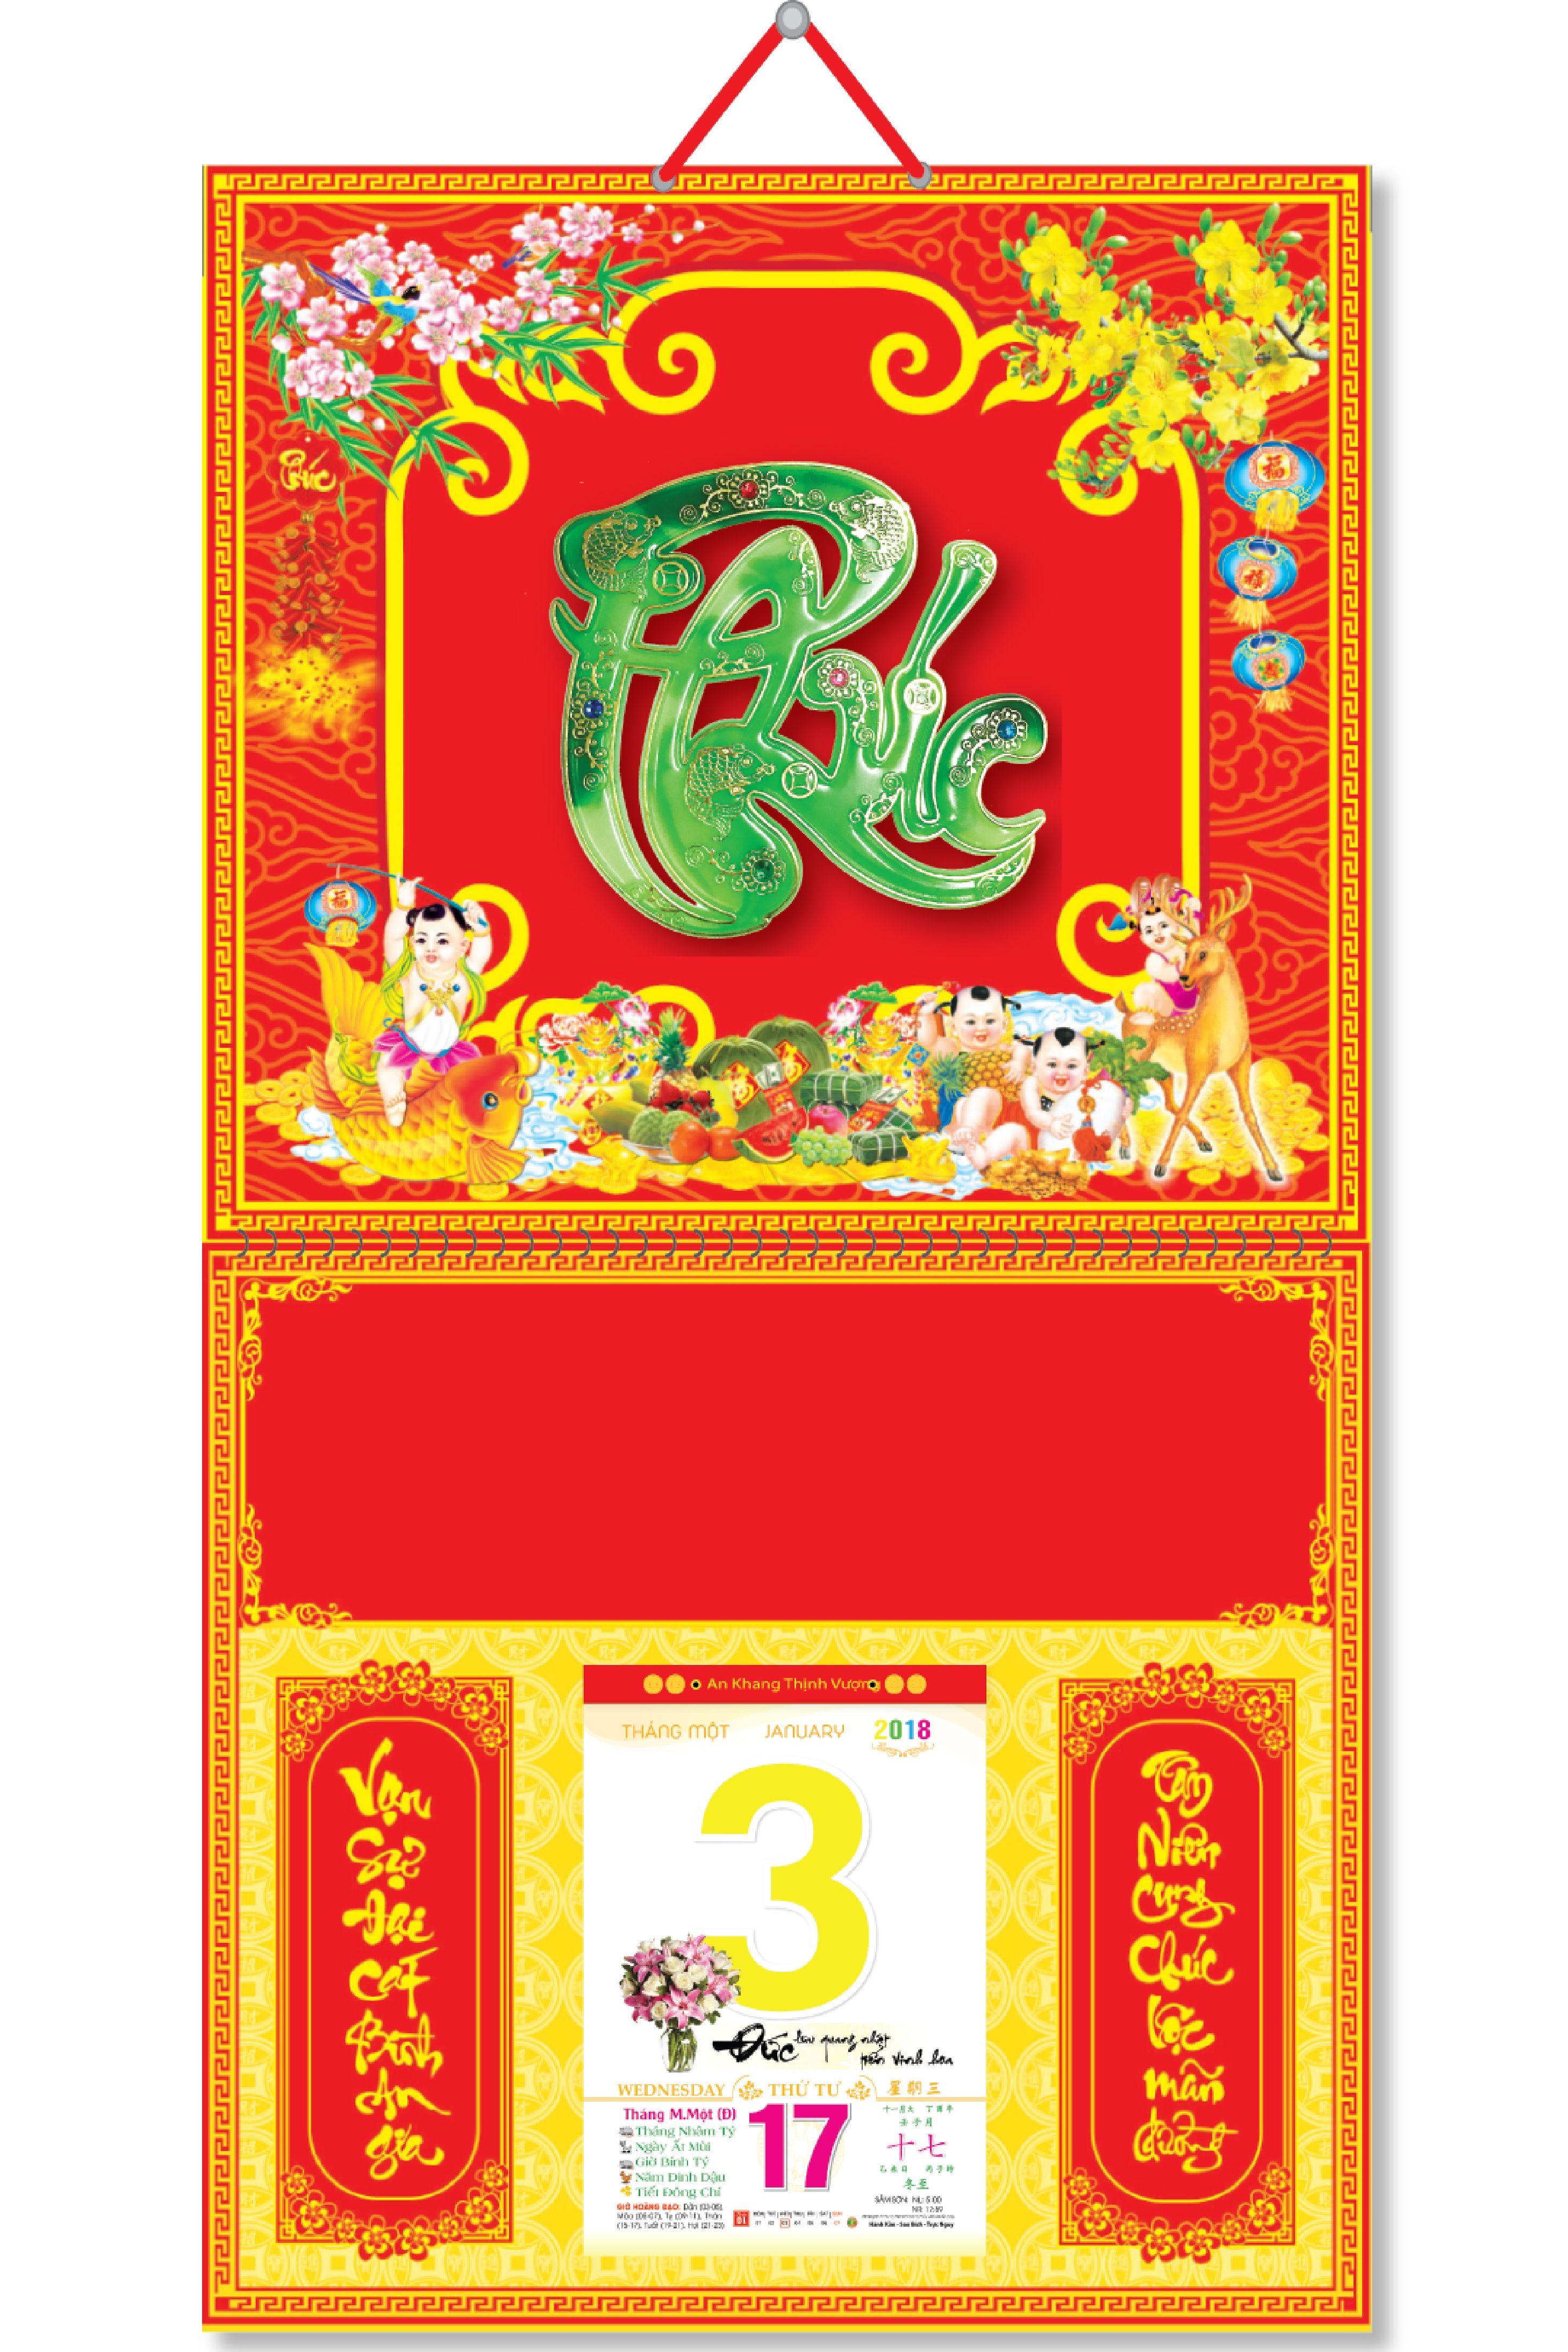 KV157 - Bìa 2018 Treo Lịch Lò Xo Giữa Dán Chữ Nổi (37 x 68 cm) - Em Bé, Dán Chữ Phúc Cẩm Thạch - EBOOK/PDF/PRC/EPUB